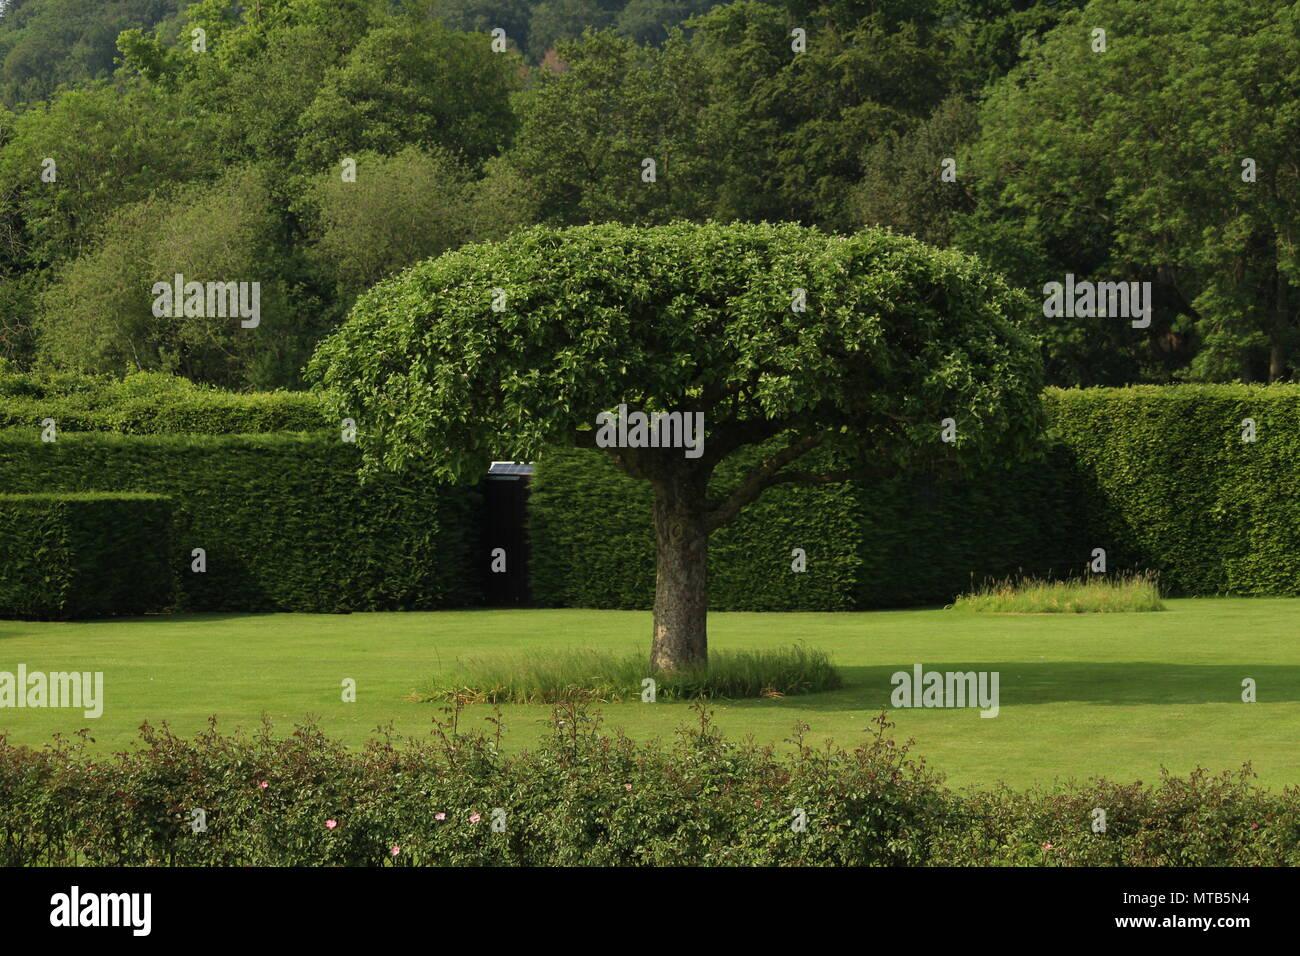 Plantes et Jardin design - Arbre fournissant belle point ...